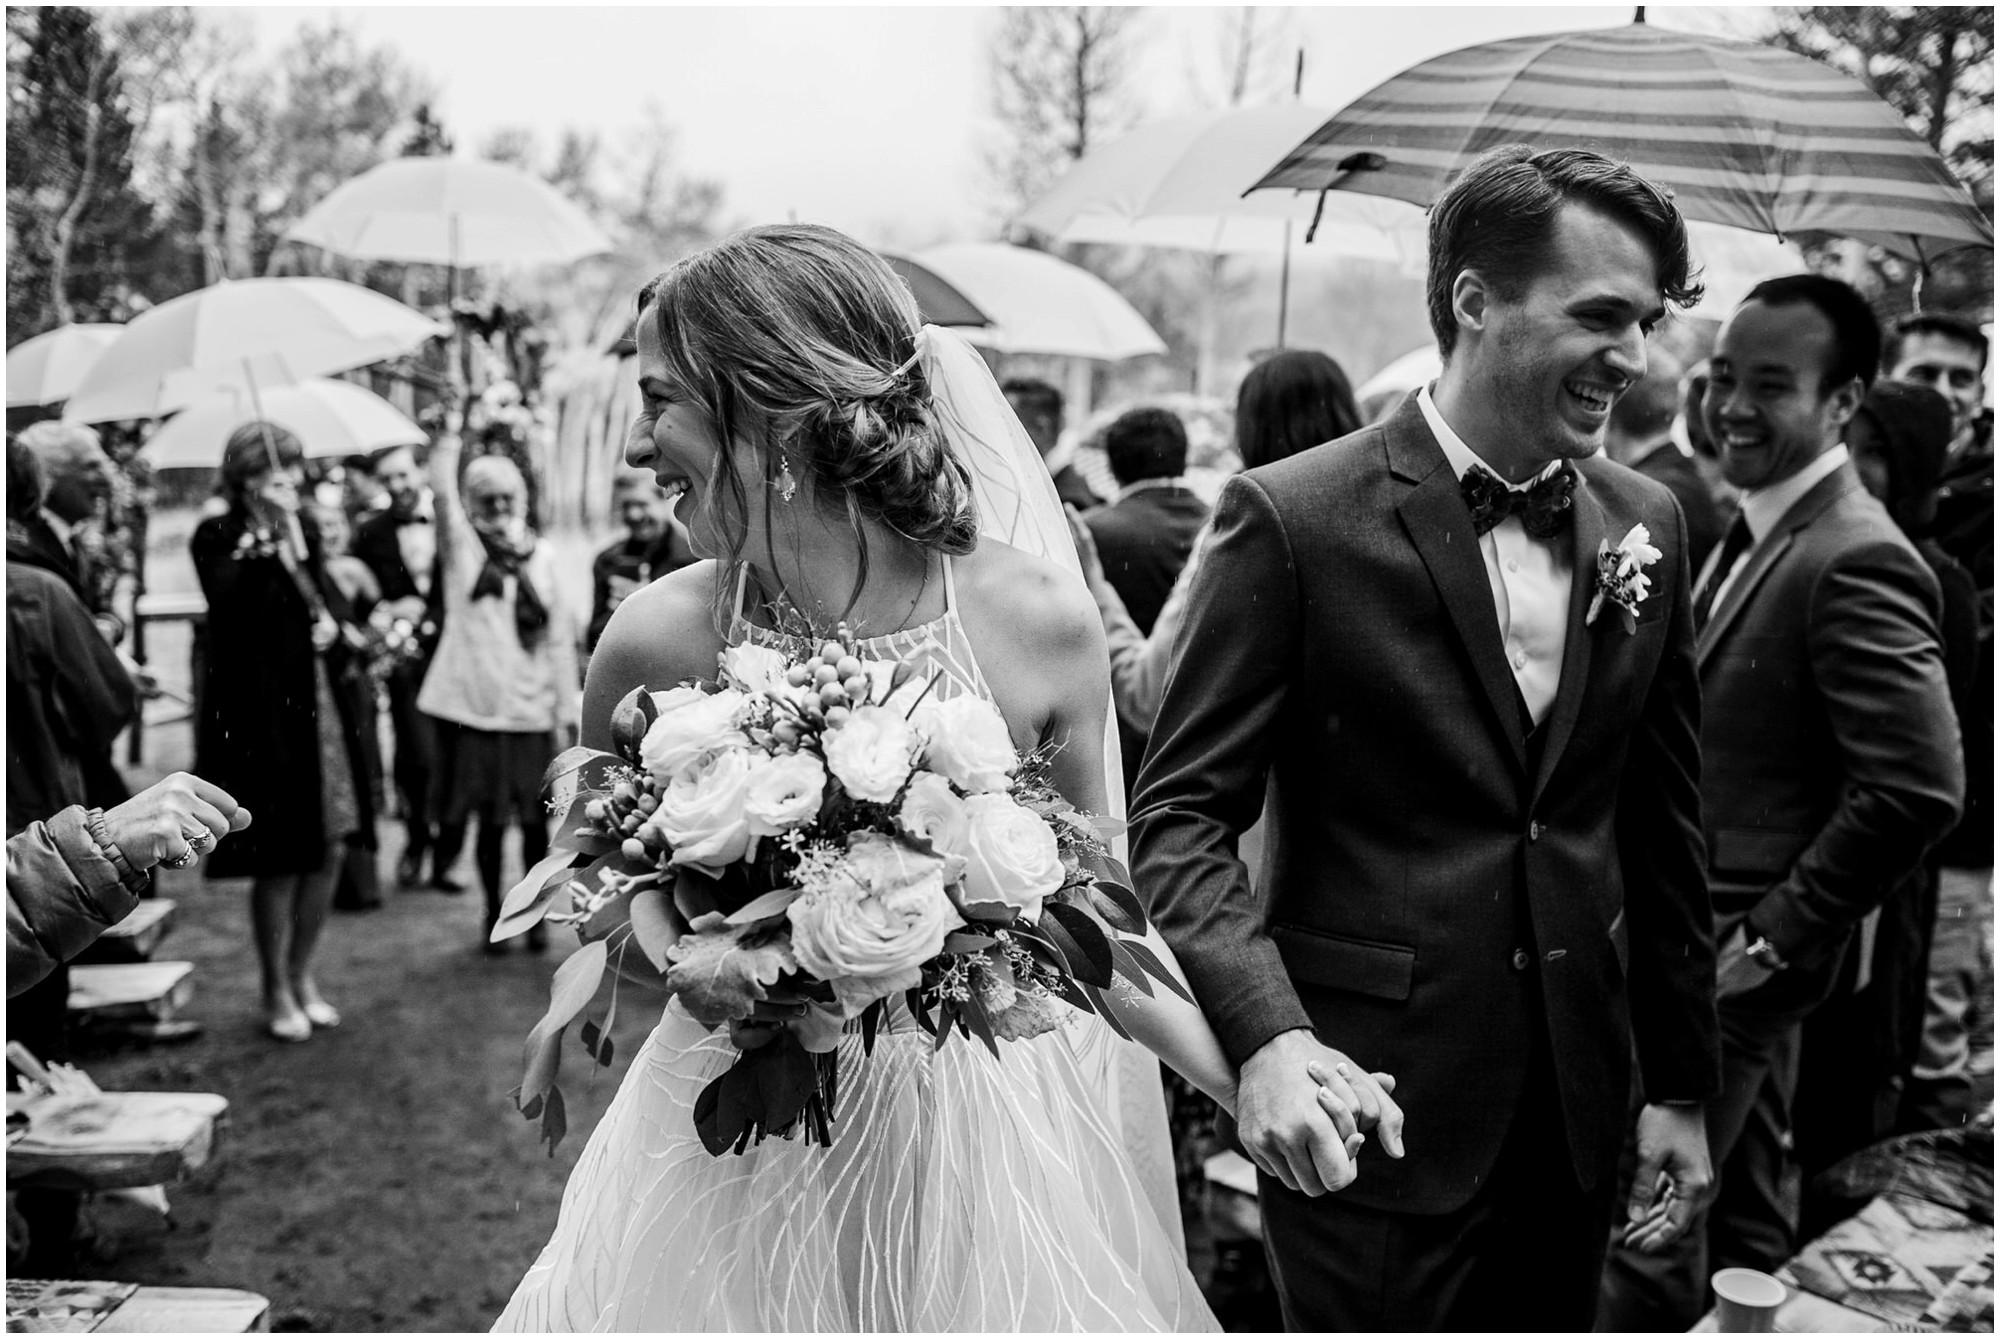 97-Estes-Park-Colorado-Fall-Wedding-Photography-bw.jpg